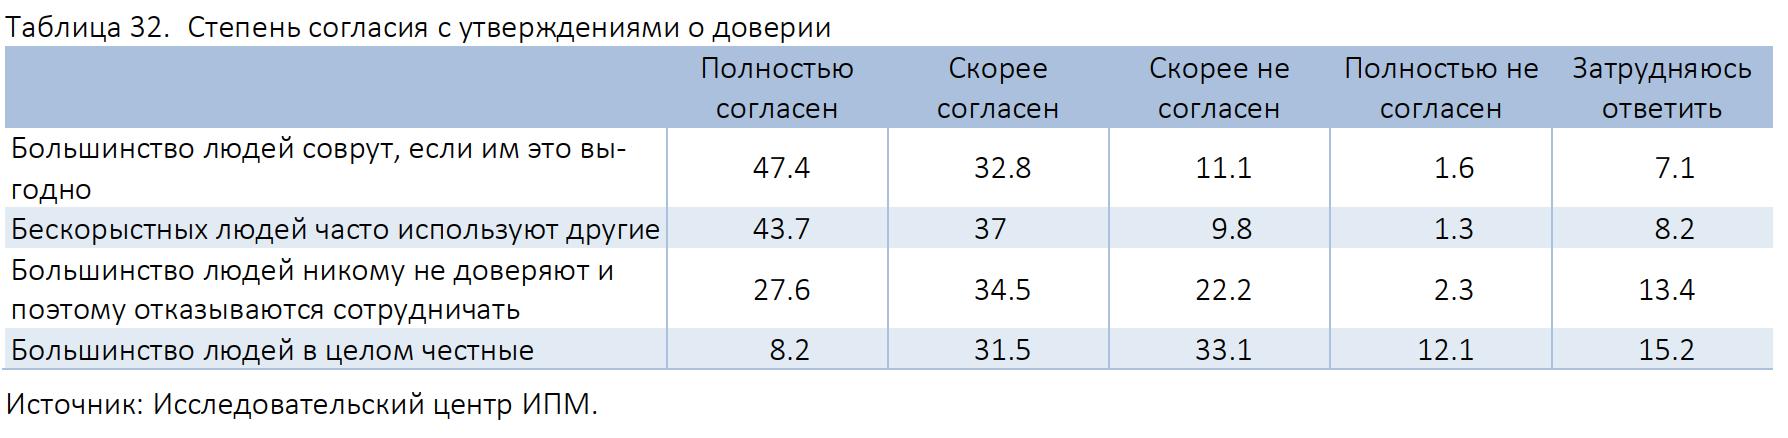 Степень согласия с утверждениями о доверии